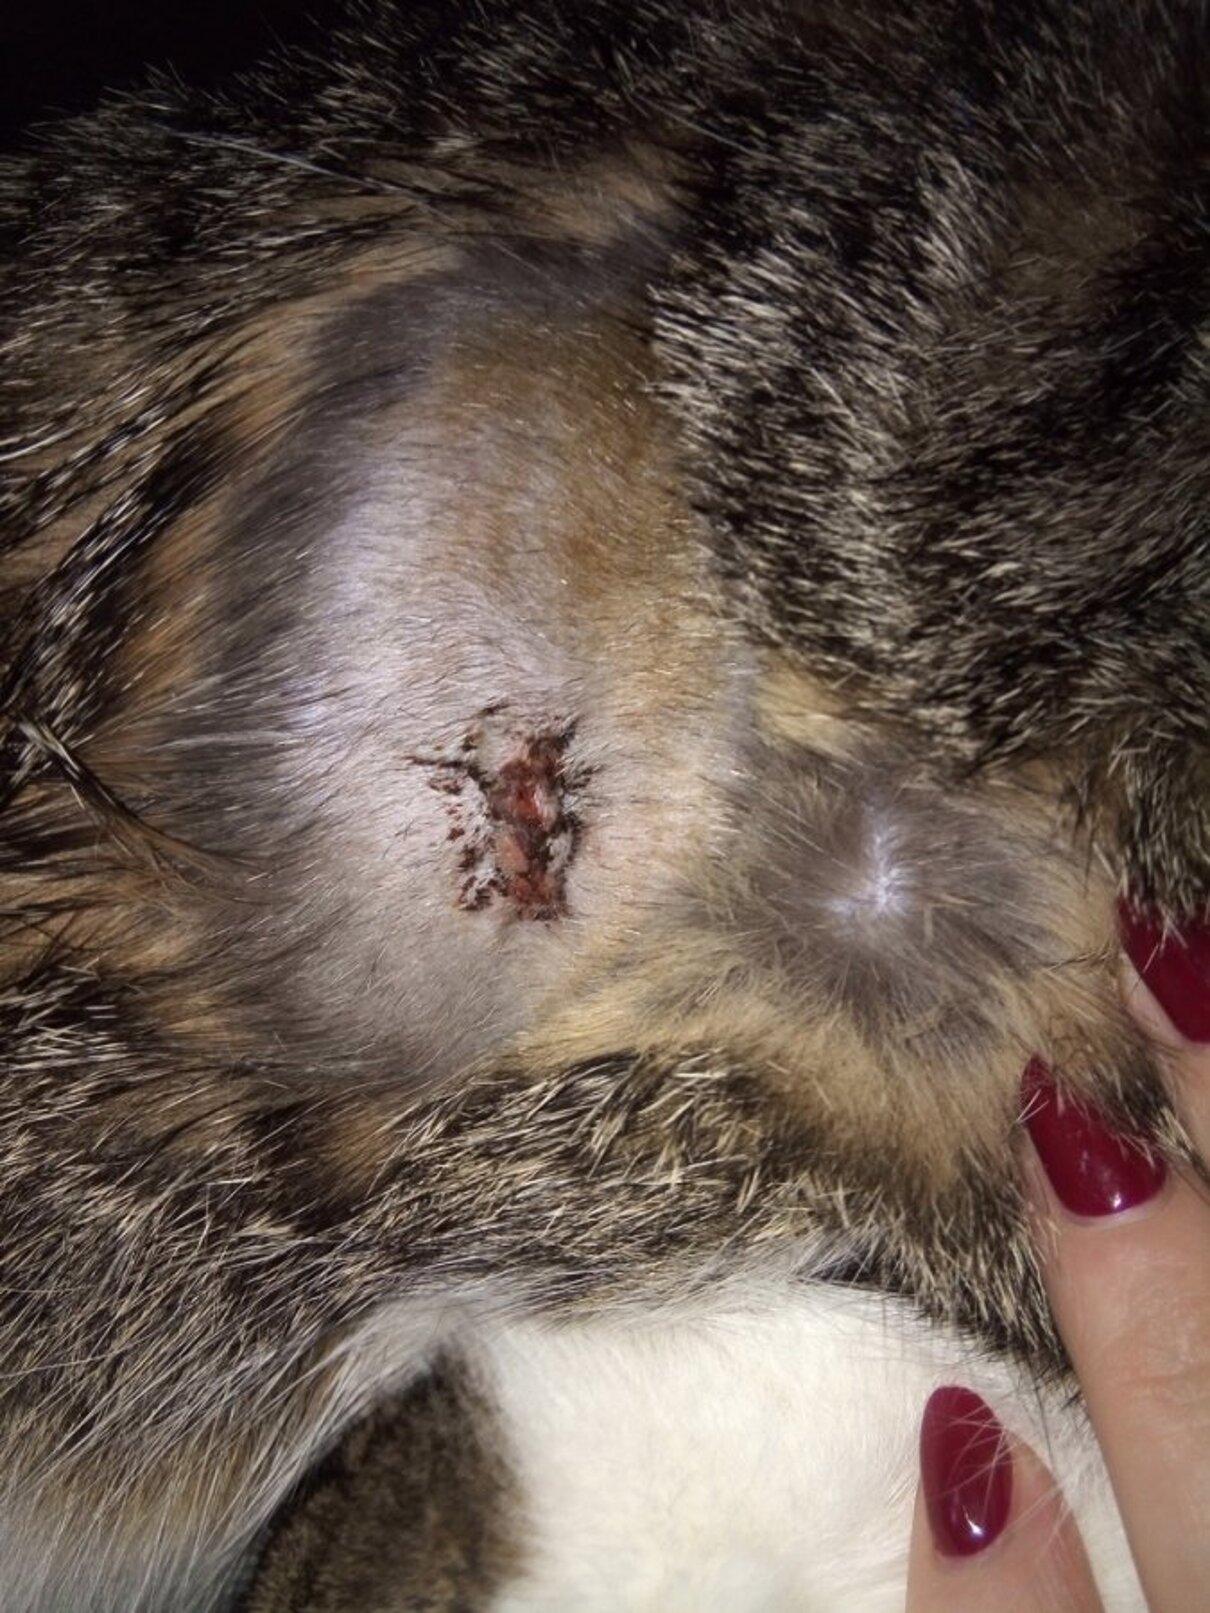 Жалоба-отзыв: Ветеринарная клиника ДРУГ Тамбов - Сделали не ту операцию и сказали, ничего страшного